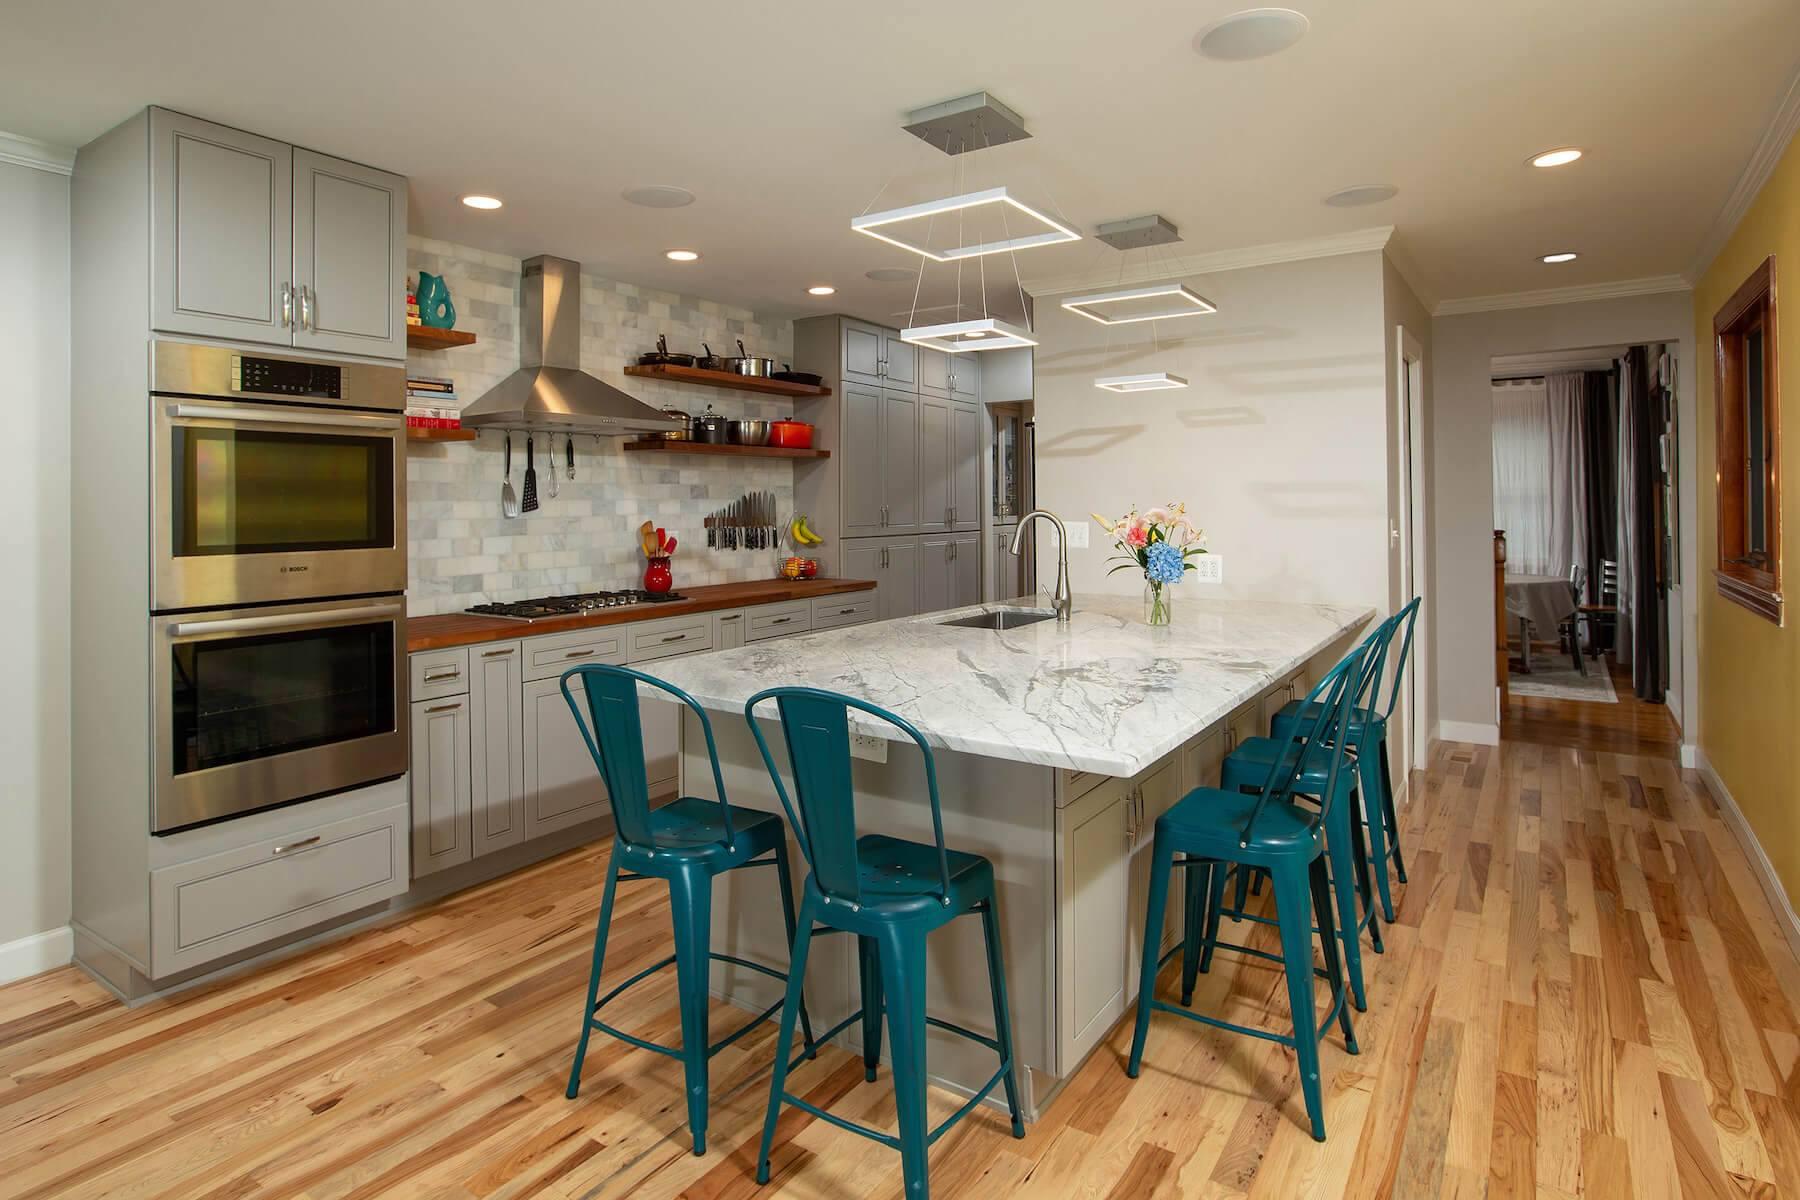 kitchen_R_5-17-19_168